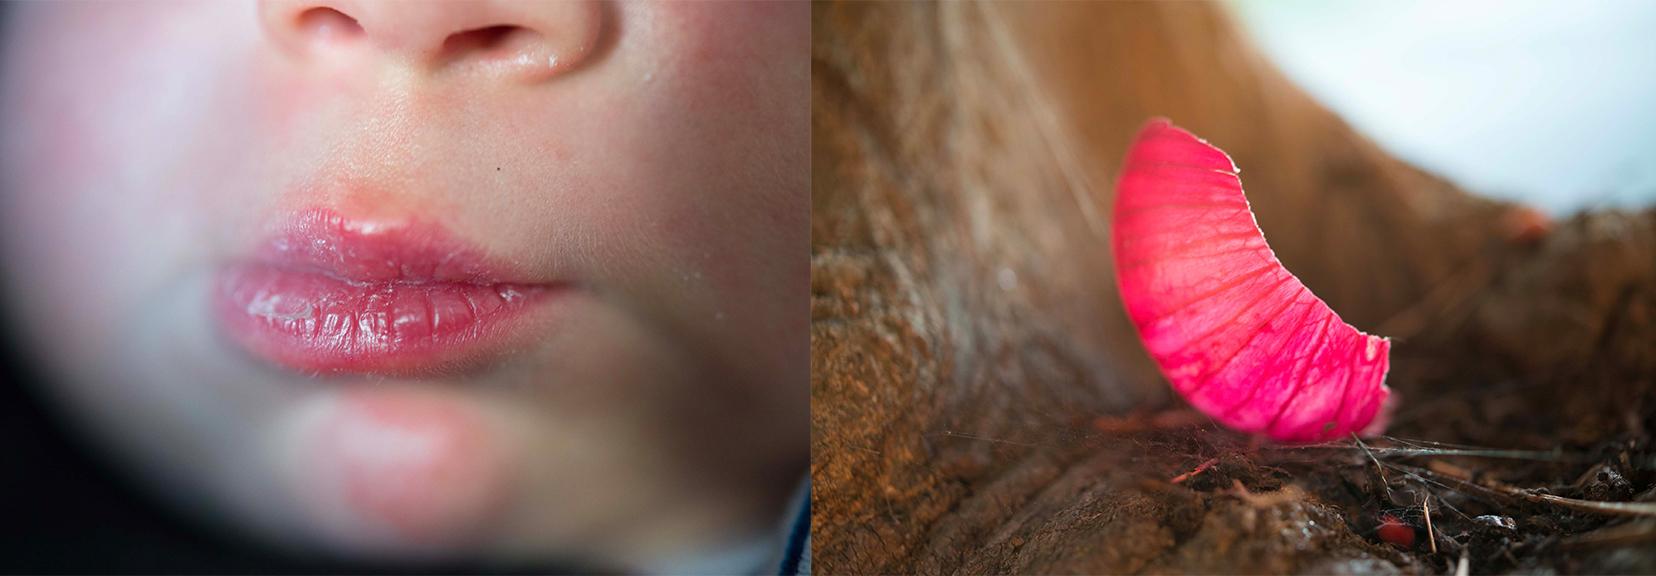 pair1-Edit-2.jpg